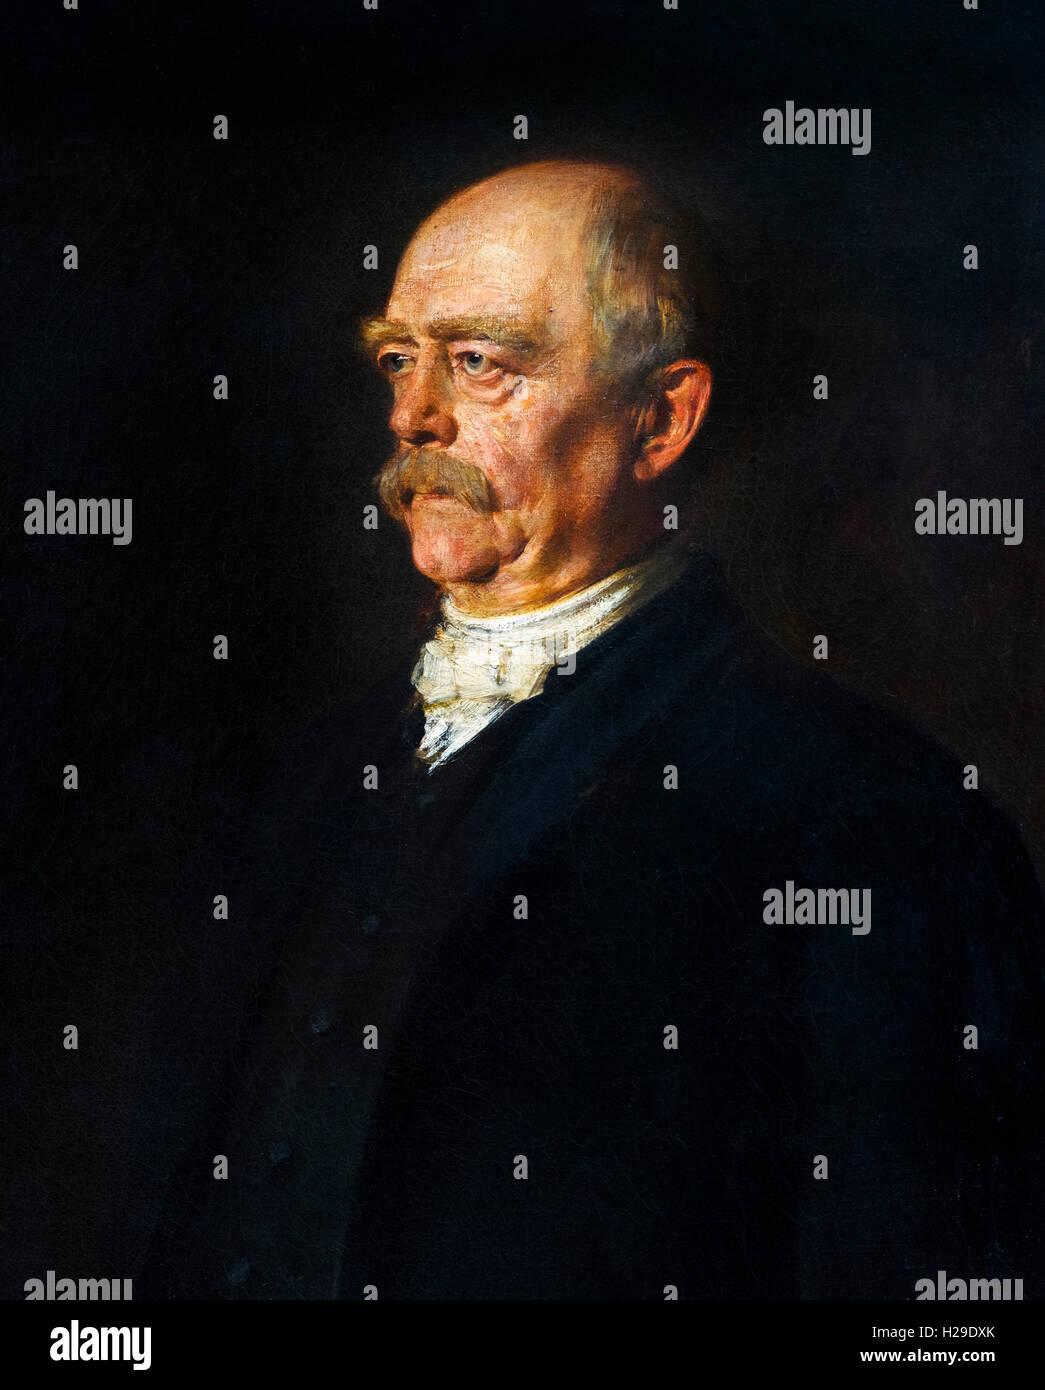 Otto von Bismarck: (1815-1898), Porträt von Franz von Lenbach, Öl auf Leinwand, 1884. Stockbild